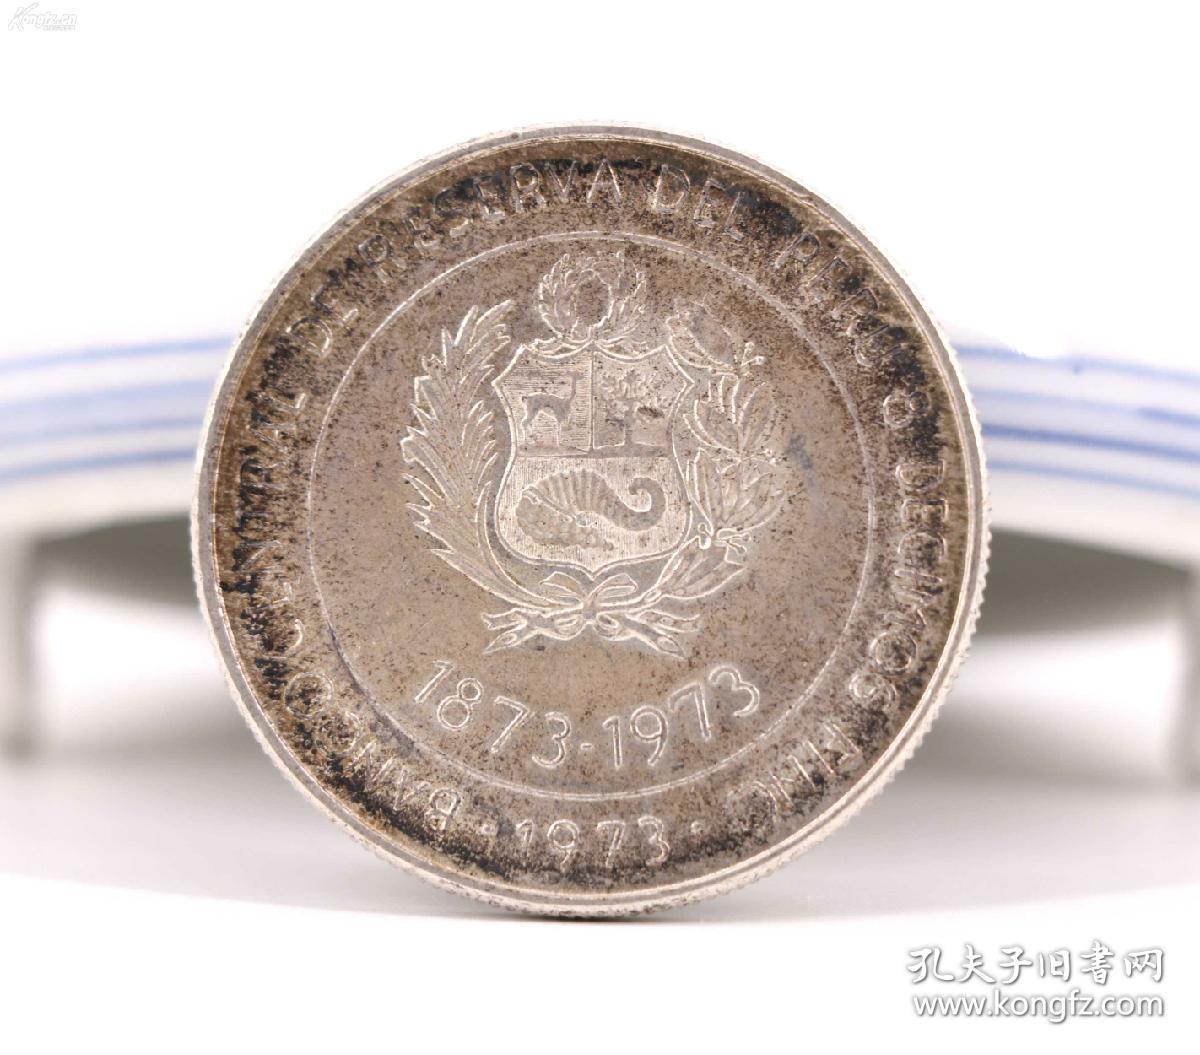 保真 《1873——1973年秘鲁纯银币一枚》面值100 银币尺寸直径3.5X0.2CM 重22克